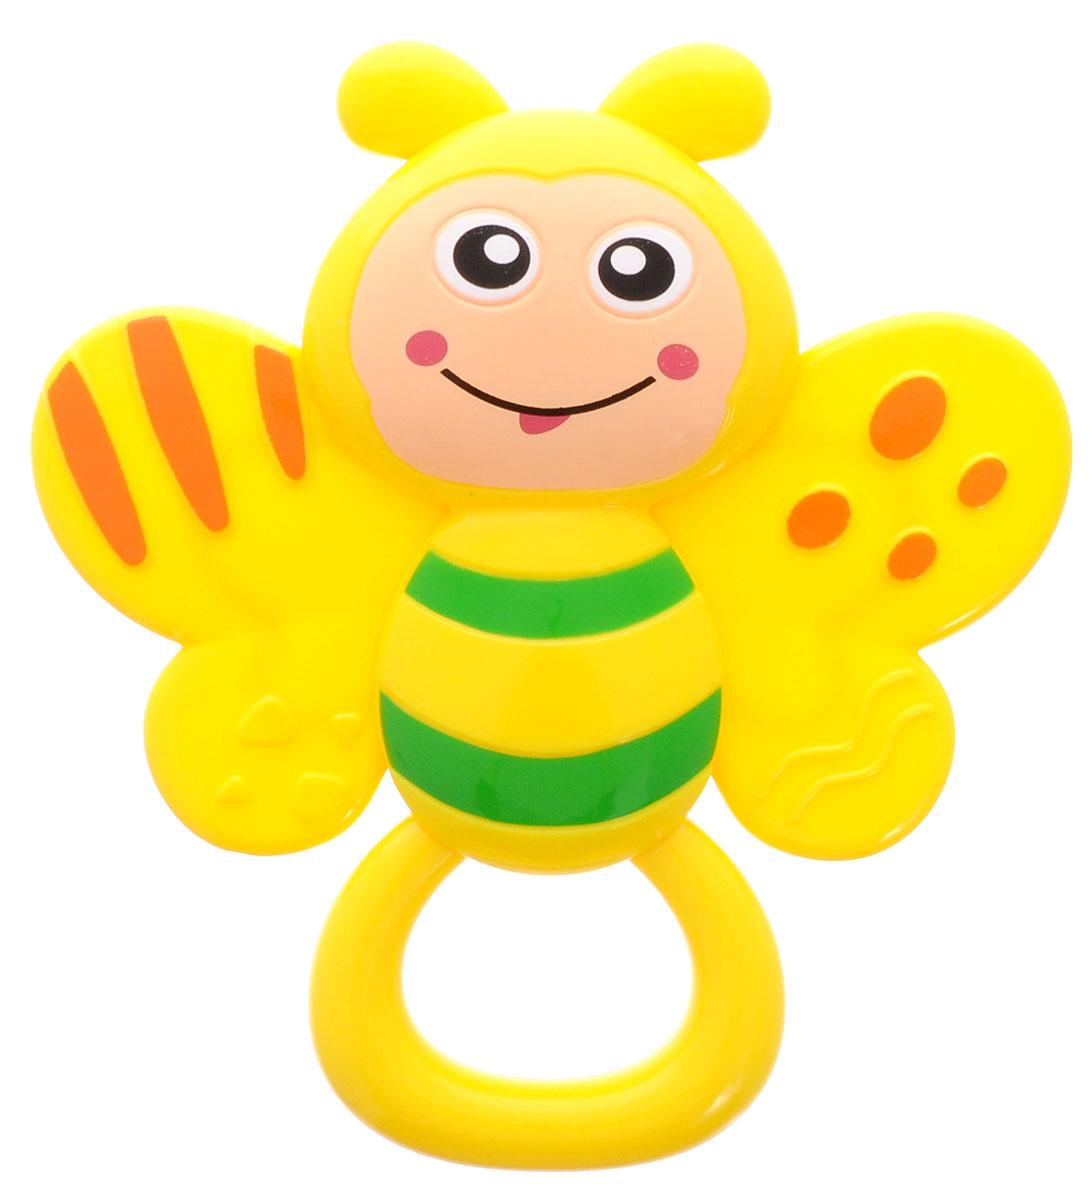 дневник хорошего настроения как прошел мой день зеленая эксмо Умка Погремушка Бабочка цвет желтый